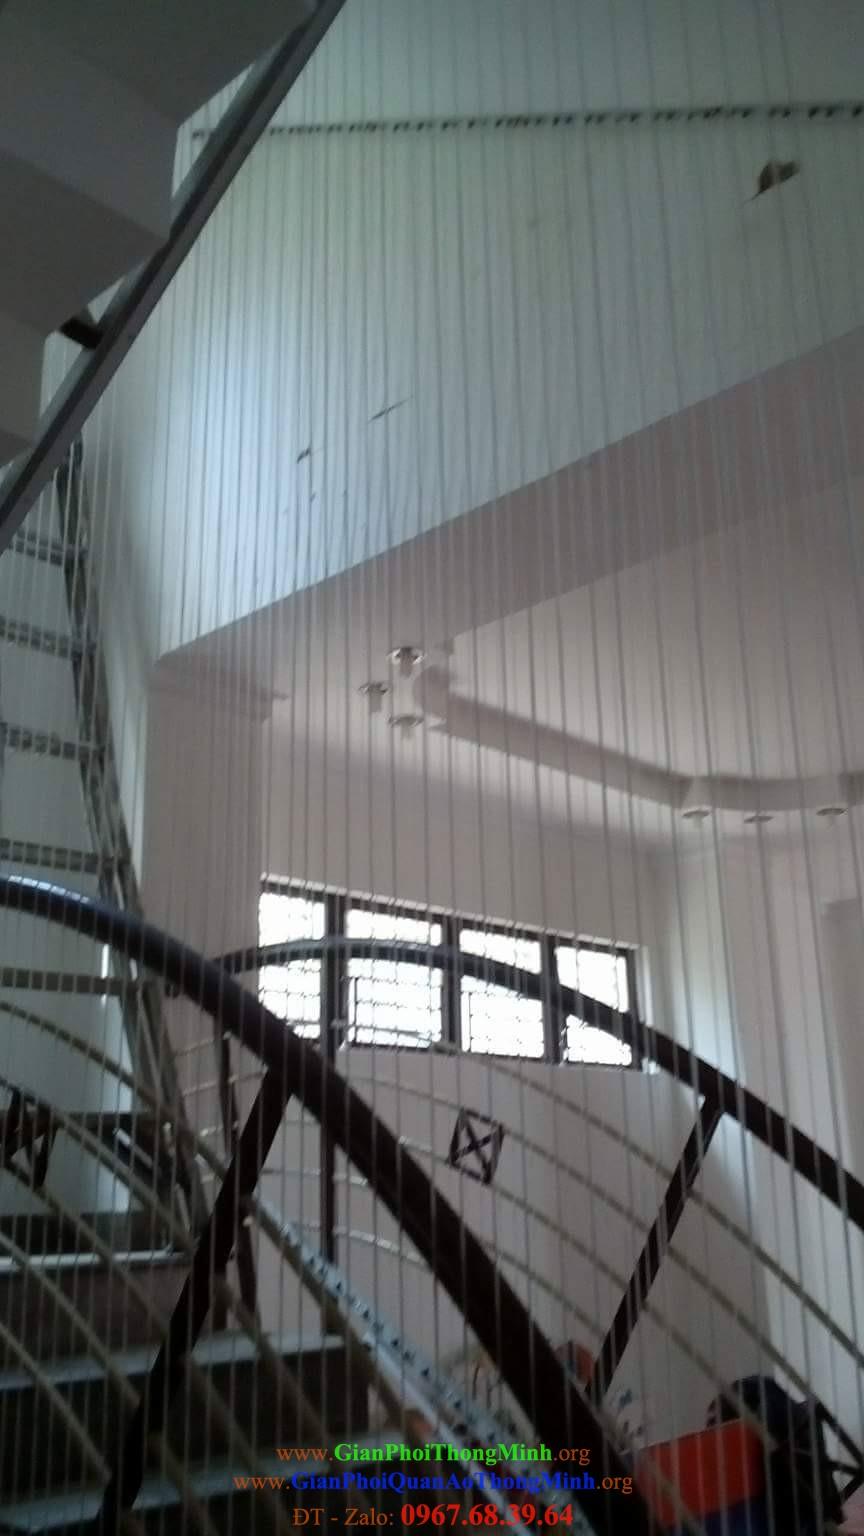 Thi công làm lưới cầu thang, Dịch vụ lắp giàn phơi, Lưới an toàn, Bạt che nắng, Lưới an toàn cho chung cư, Lưới an toàn ban công, Lắp đặt giàn phơi thông minh